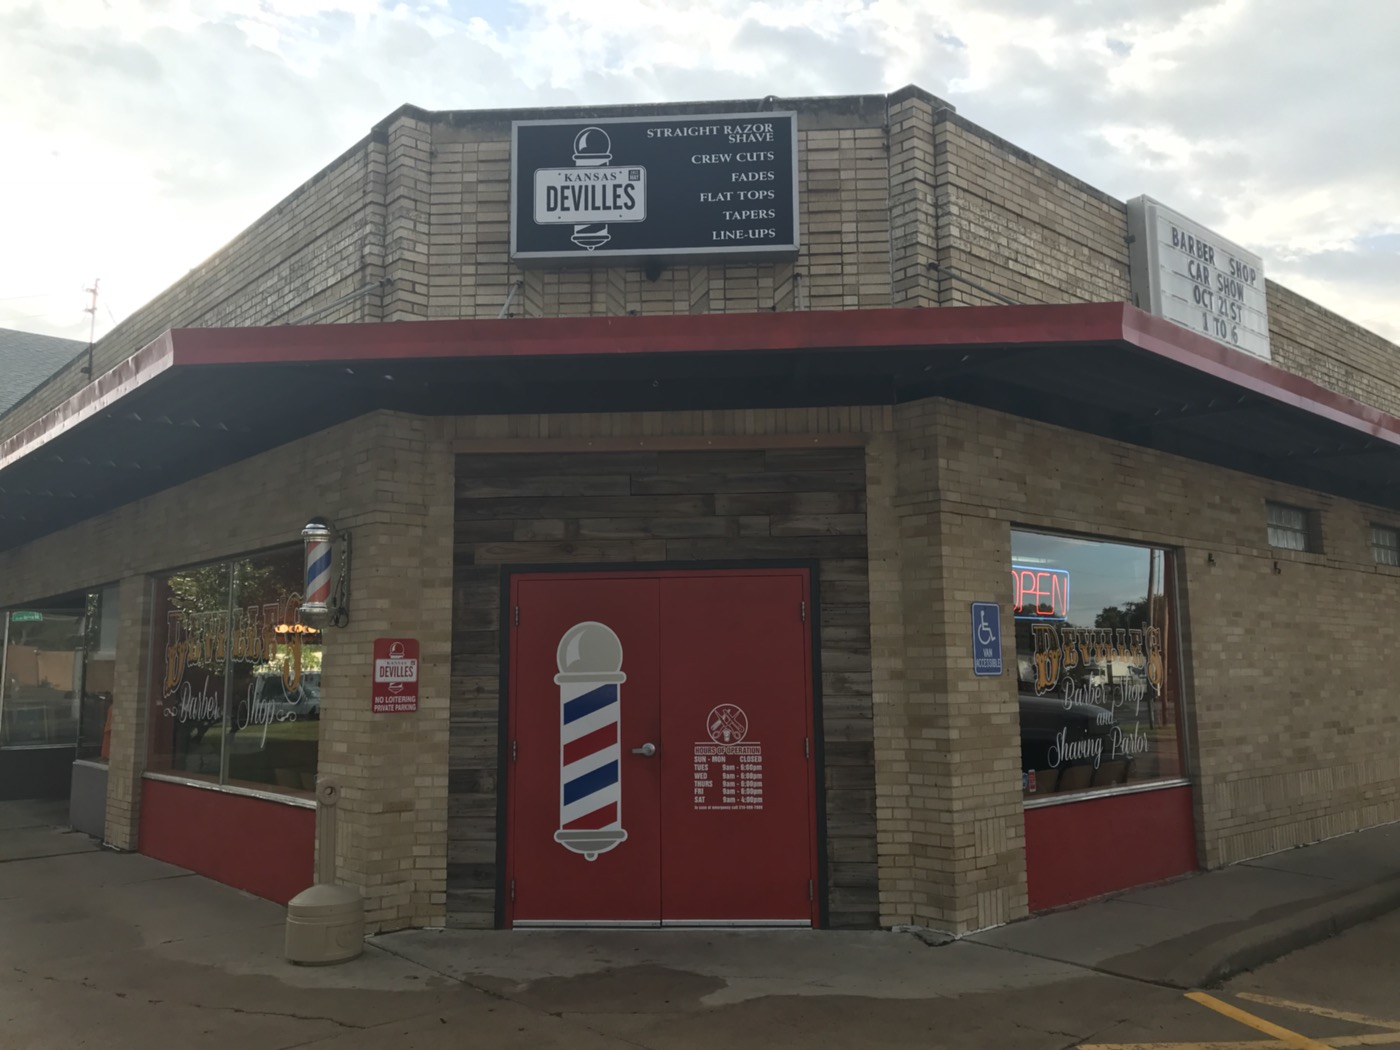 De'Ville's Barber Shop and Shaving Parlor